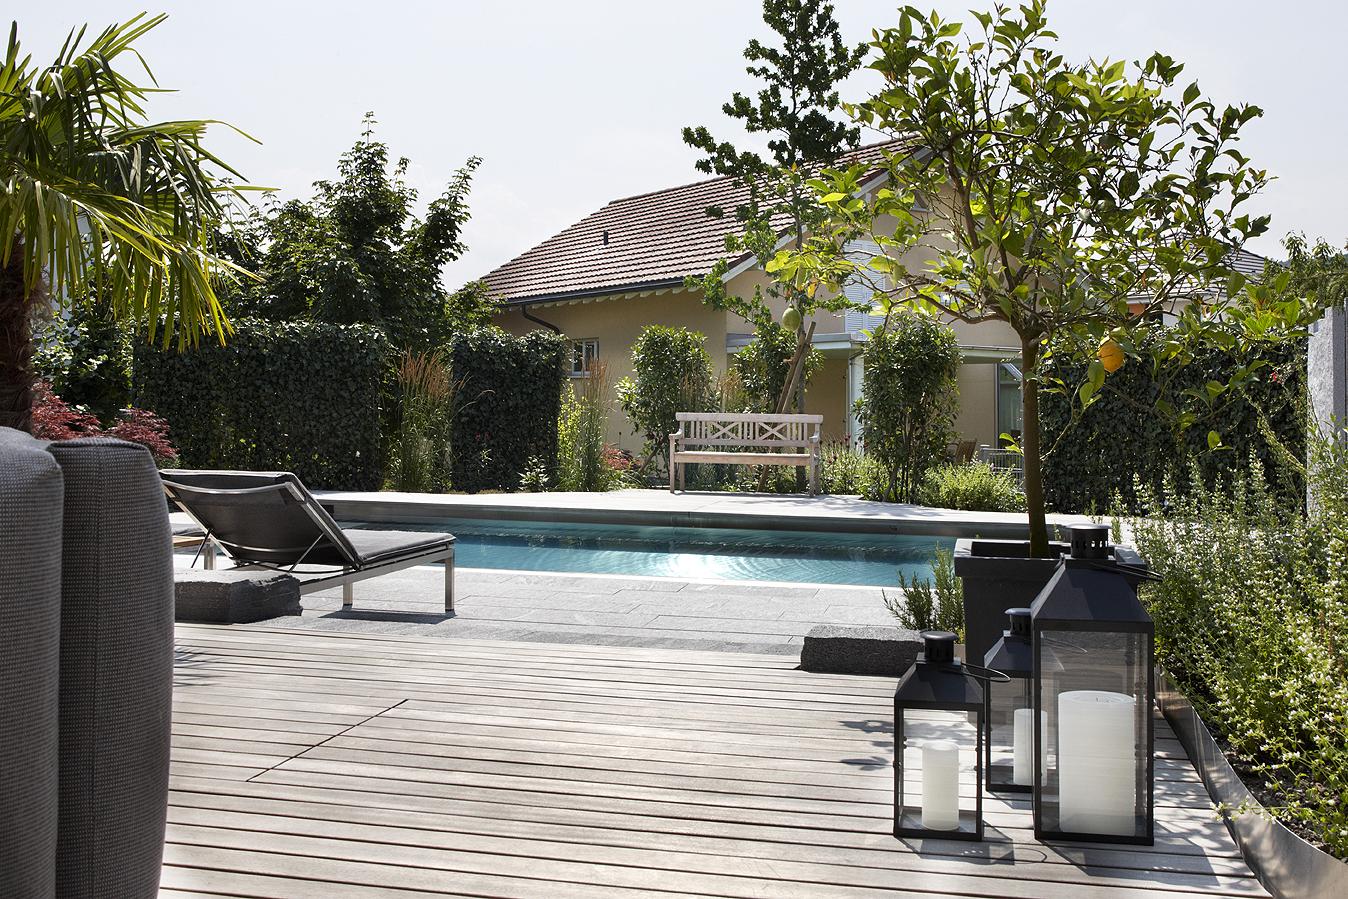 Living-Pool-Naturpool-egli-jona-blog-9